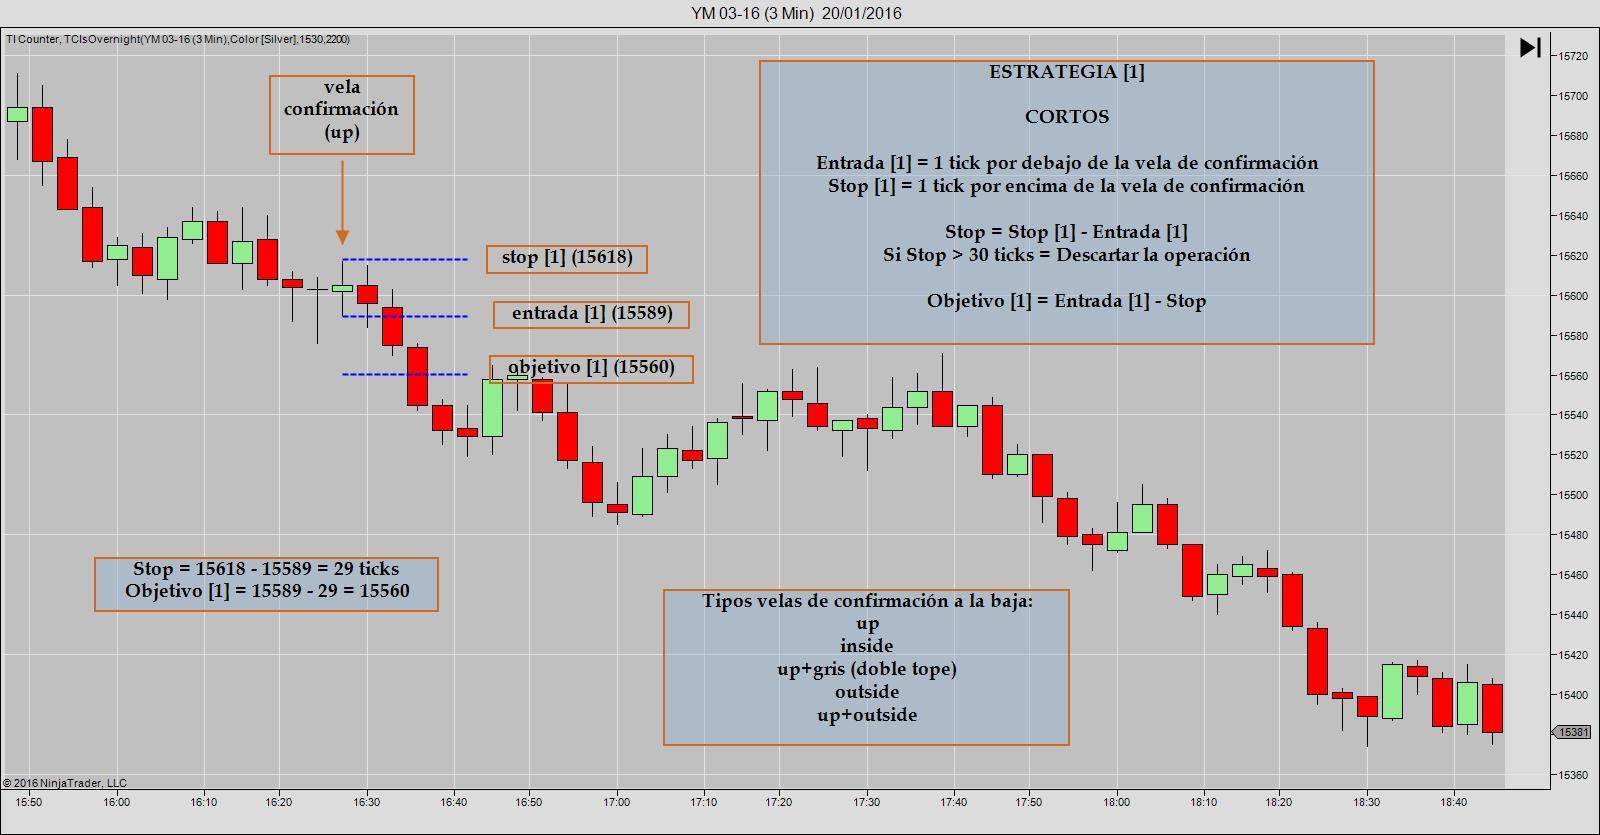 TP 1 05B Estrategia [1] Cortos